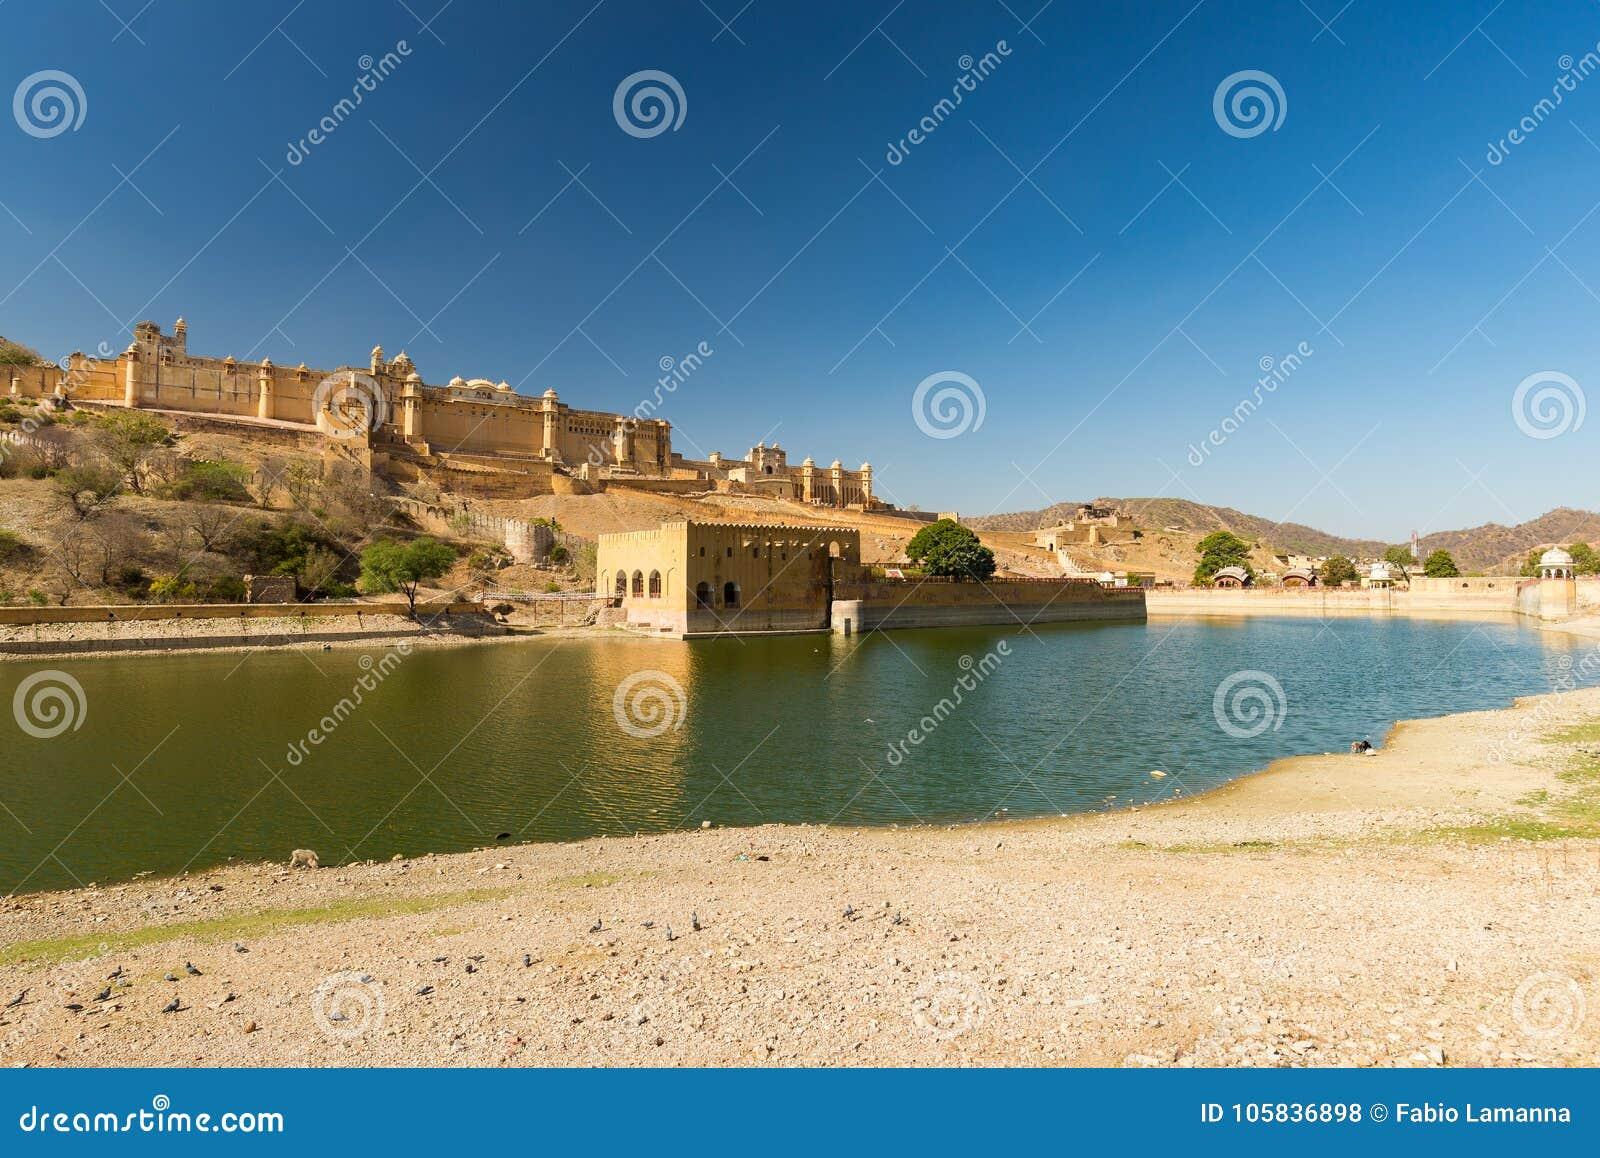 Ηλέκτρινο οχυρό, διάσημος προορισμός ταξιδιού στο Jaipur, Rajasthan, Ινδία Το εντυπωσιακές τοπίο και η εικονική παράσταση πόλης